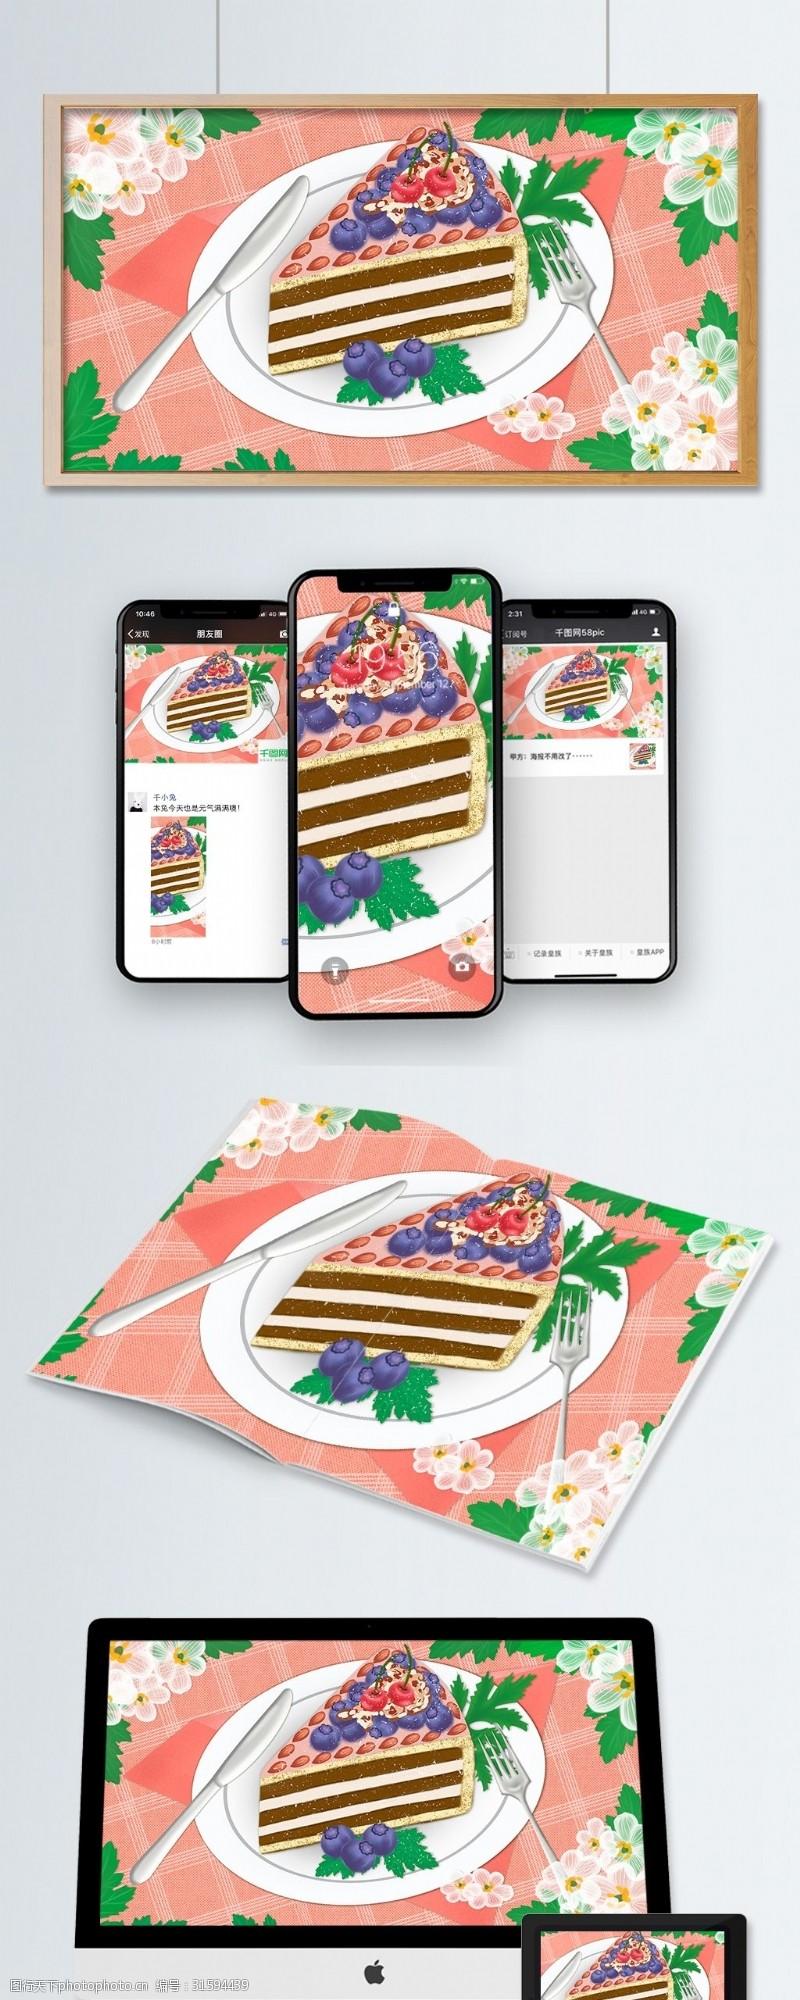 原創美食下午茶甜品藍莓蛋糕插畫